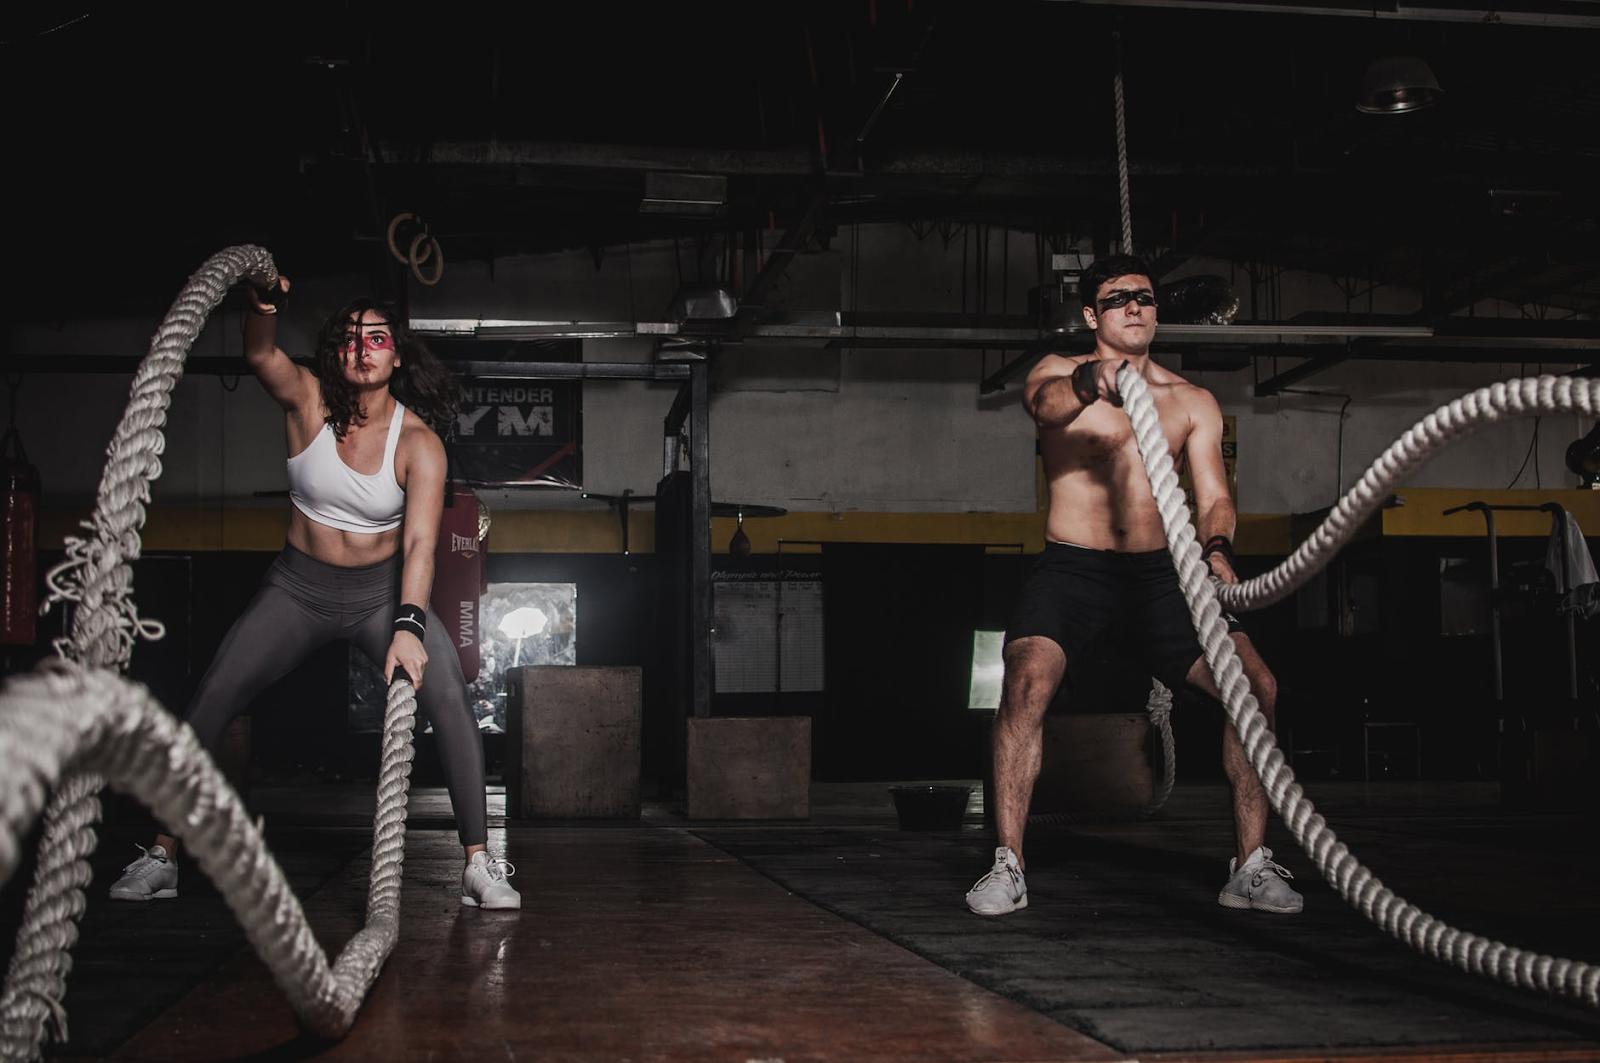 Minimal Pre-Workout Consumption